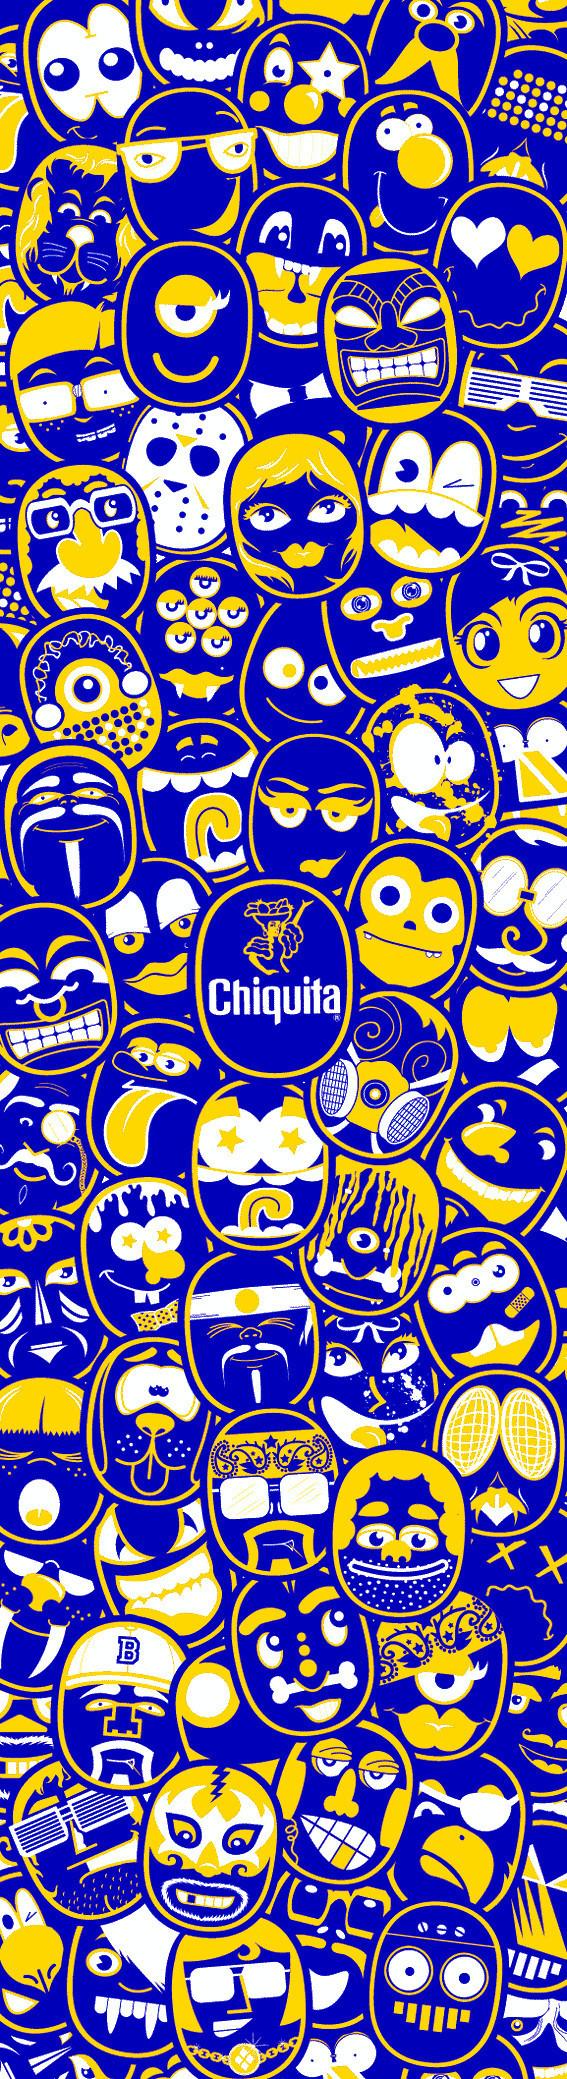 Chiquita: каждому банану - свое лицо. Изображение № 6.